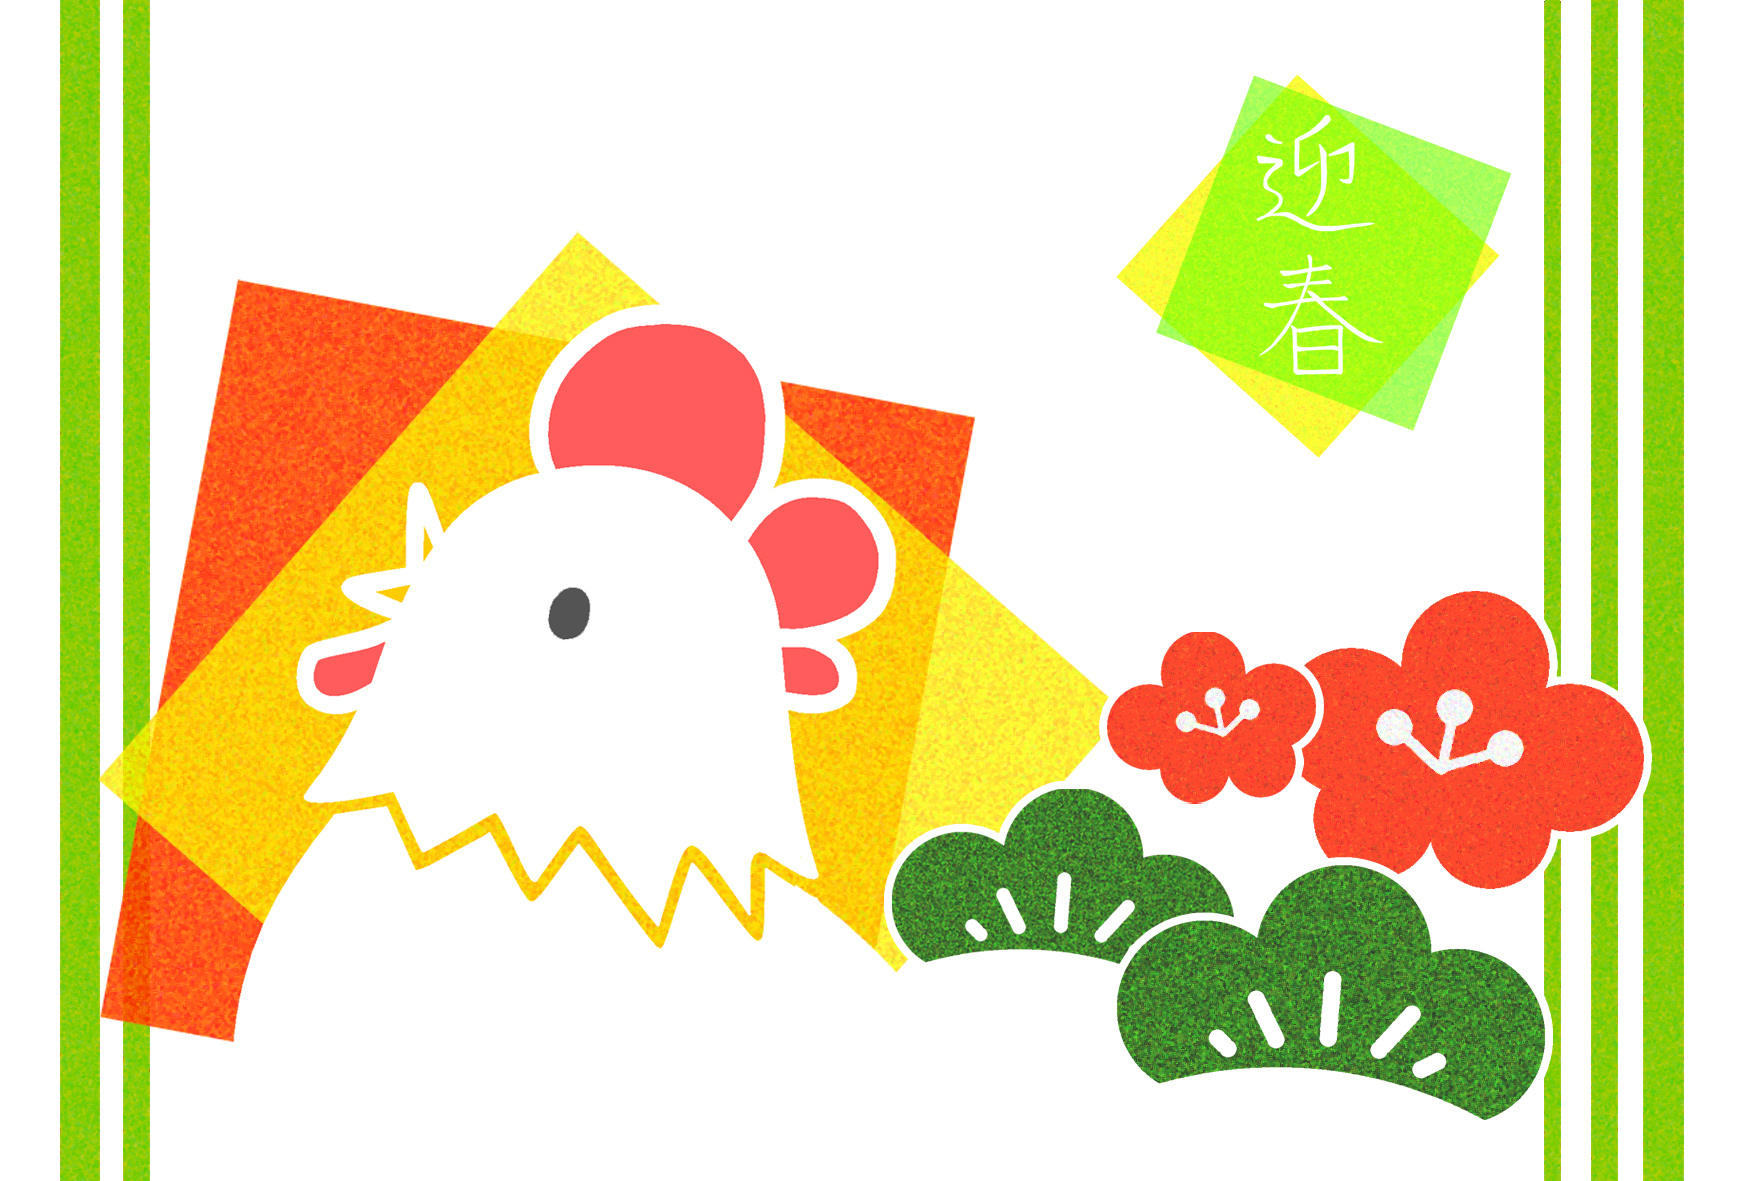 無料酉年年賀状イラスト 鶏と松と梅 横型